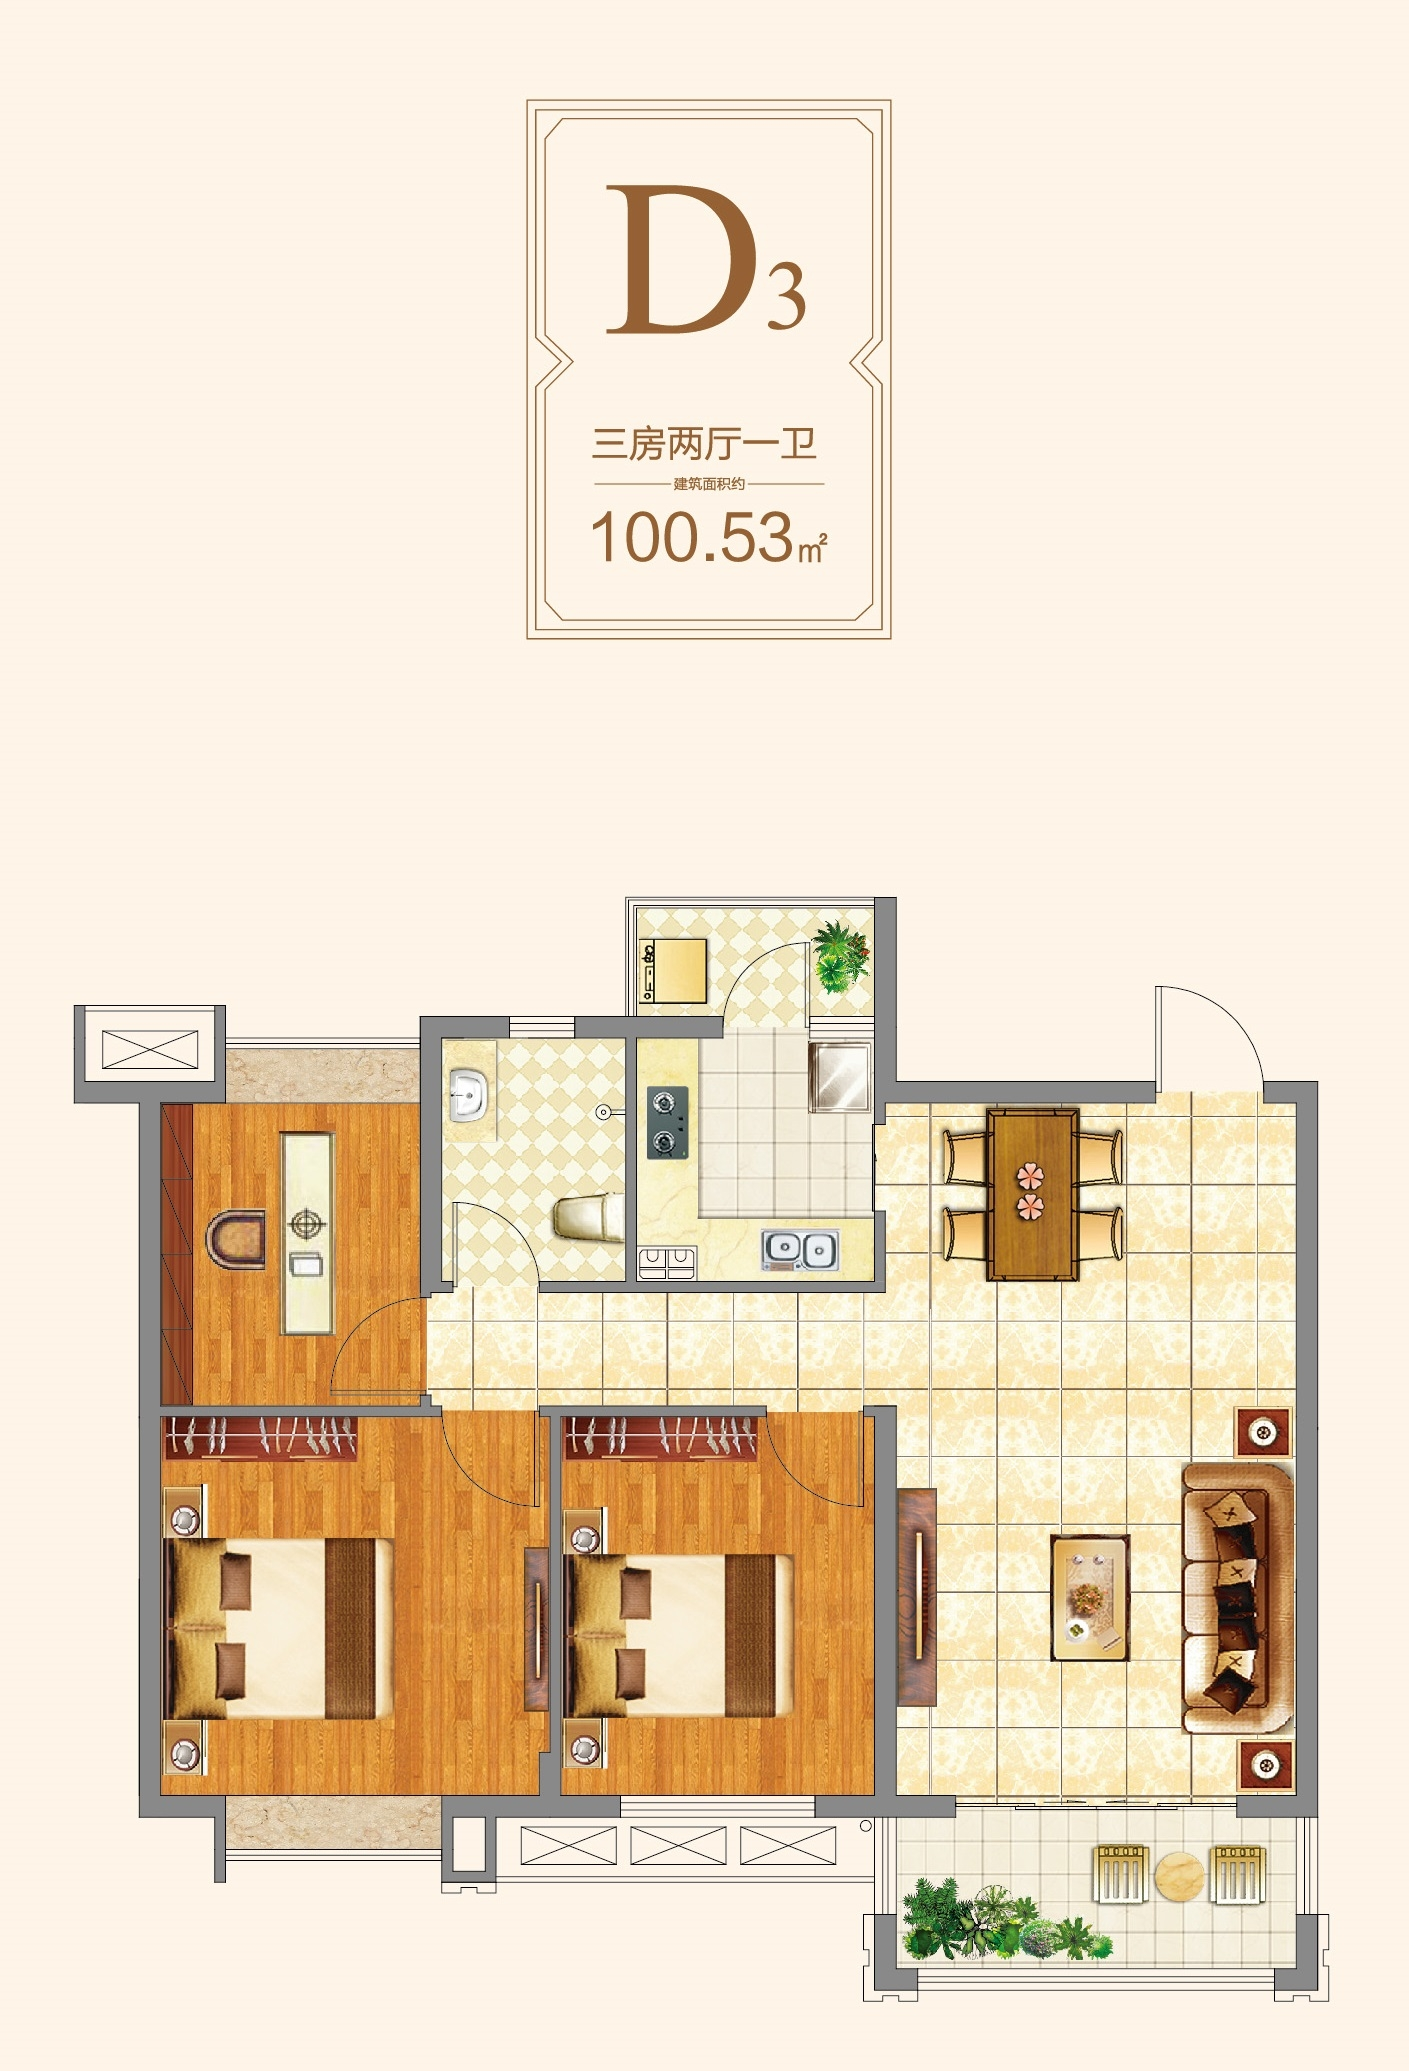 信德悦城D3户型图-100.53